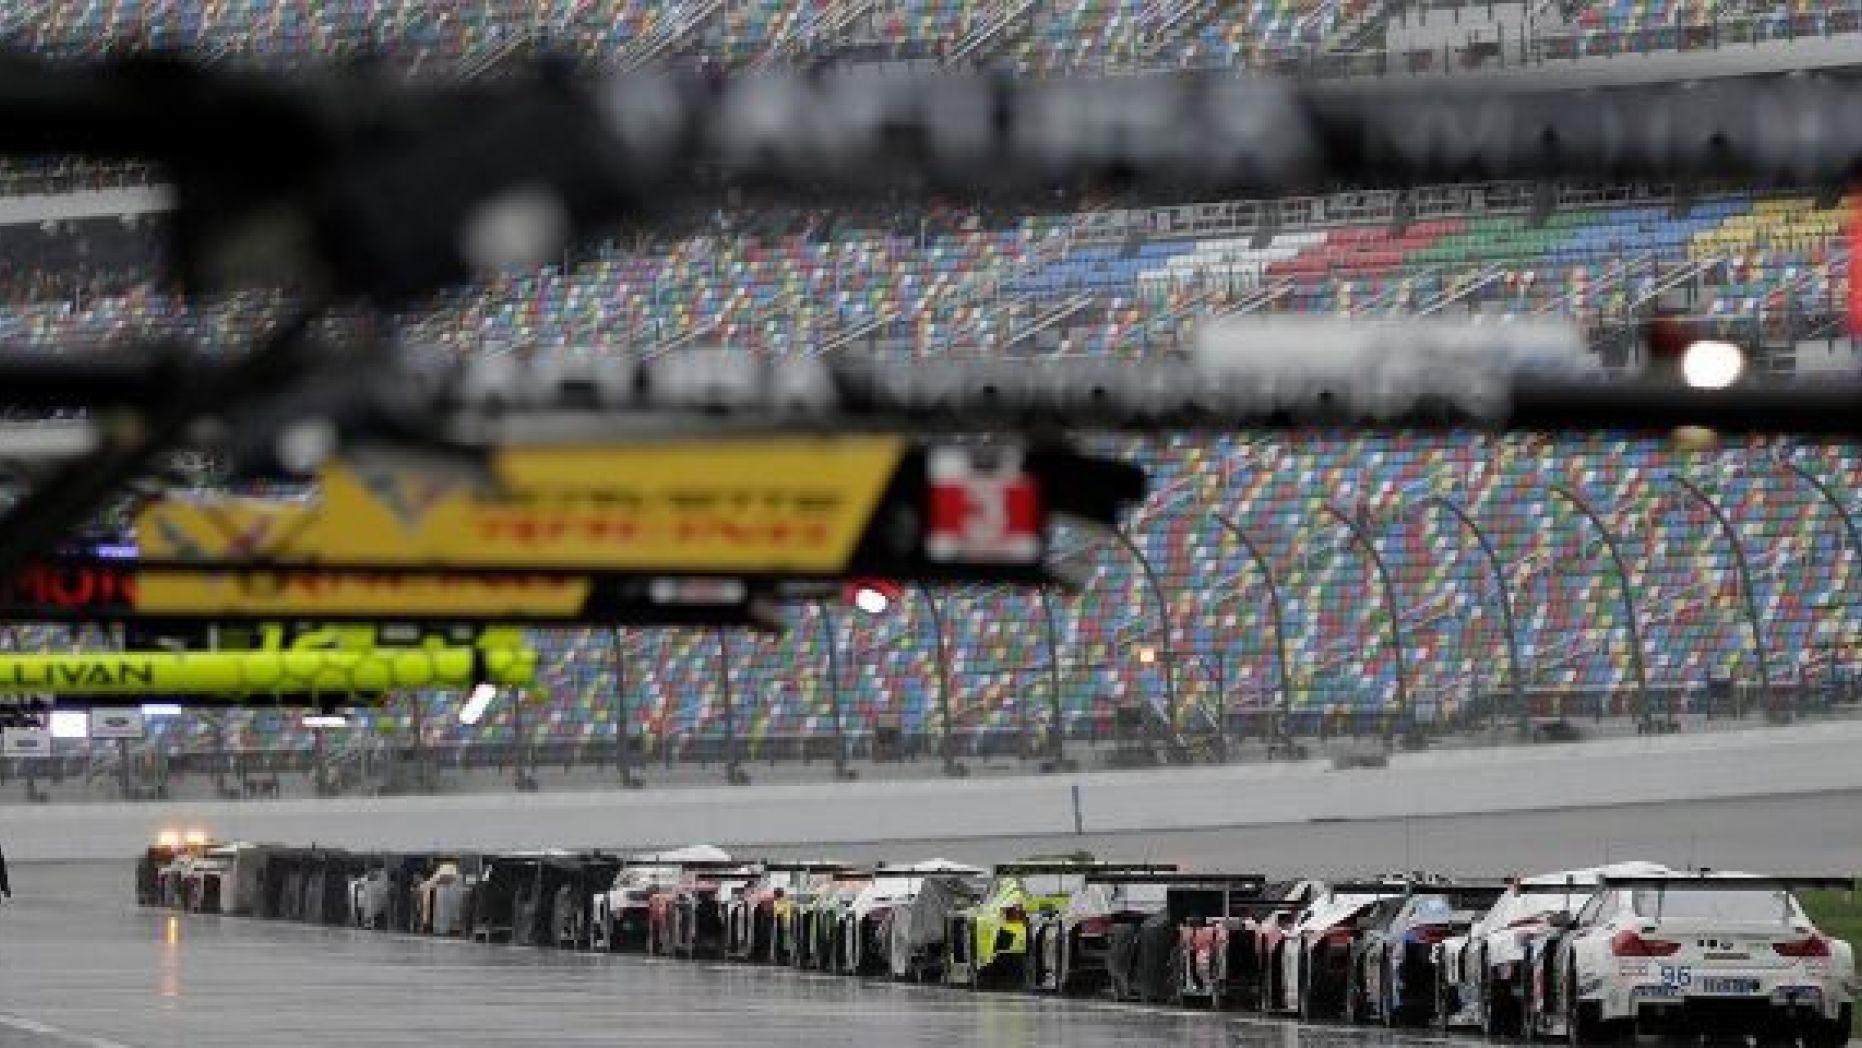 """Автомобили на пит-лейне """"Дейтона Интернешнл Спидвей"""" во время остановки гонки 2019 года красными флагами"""